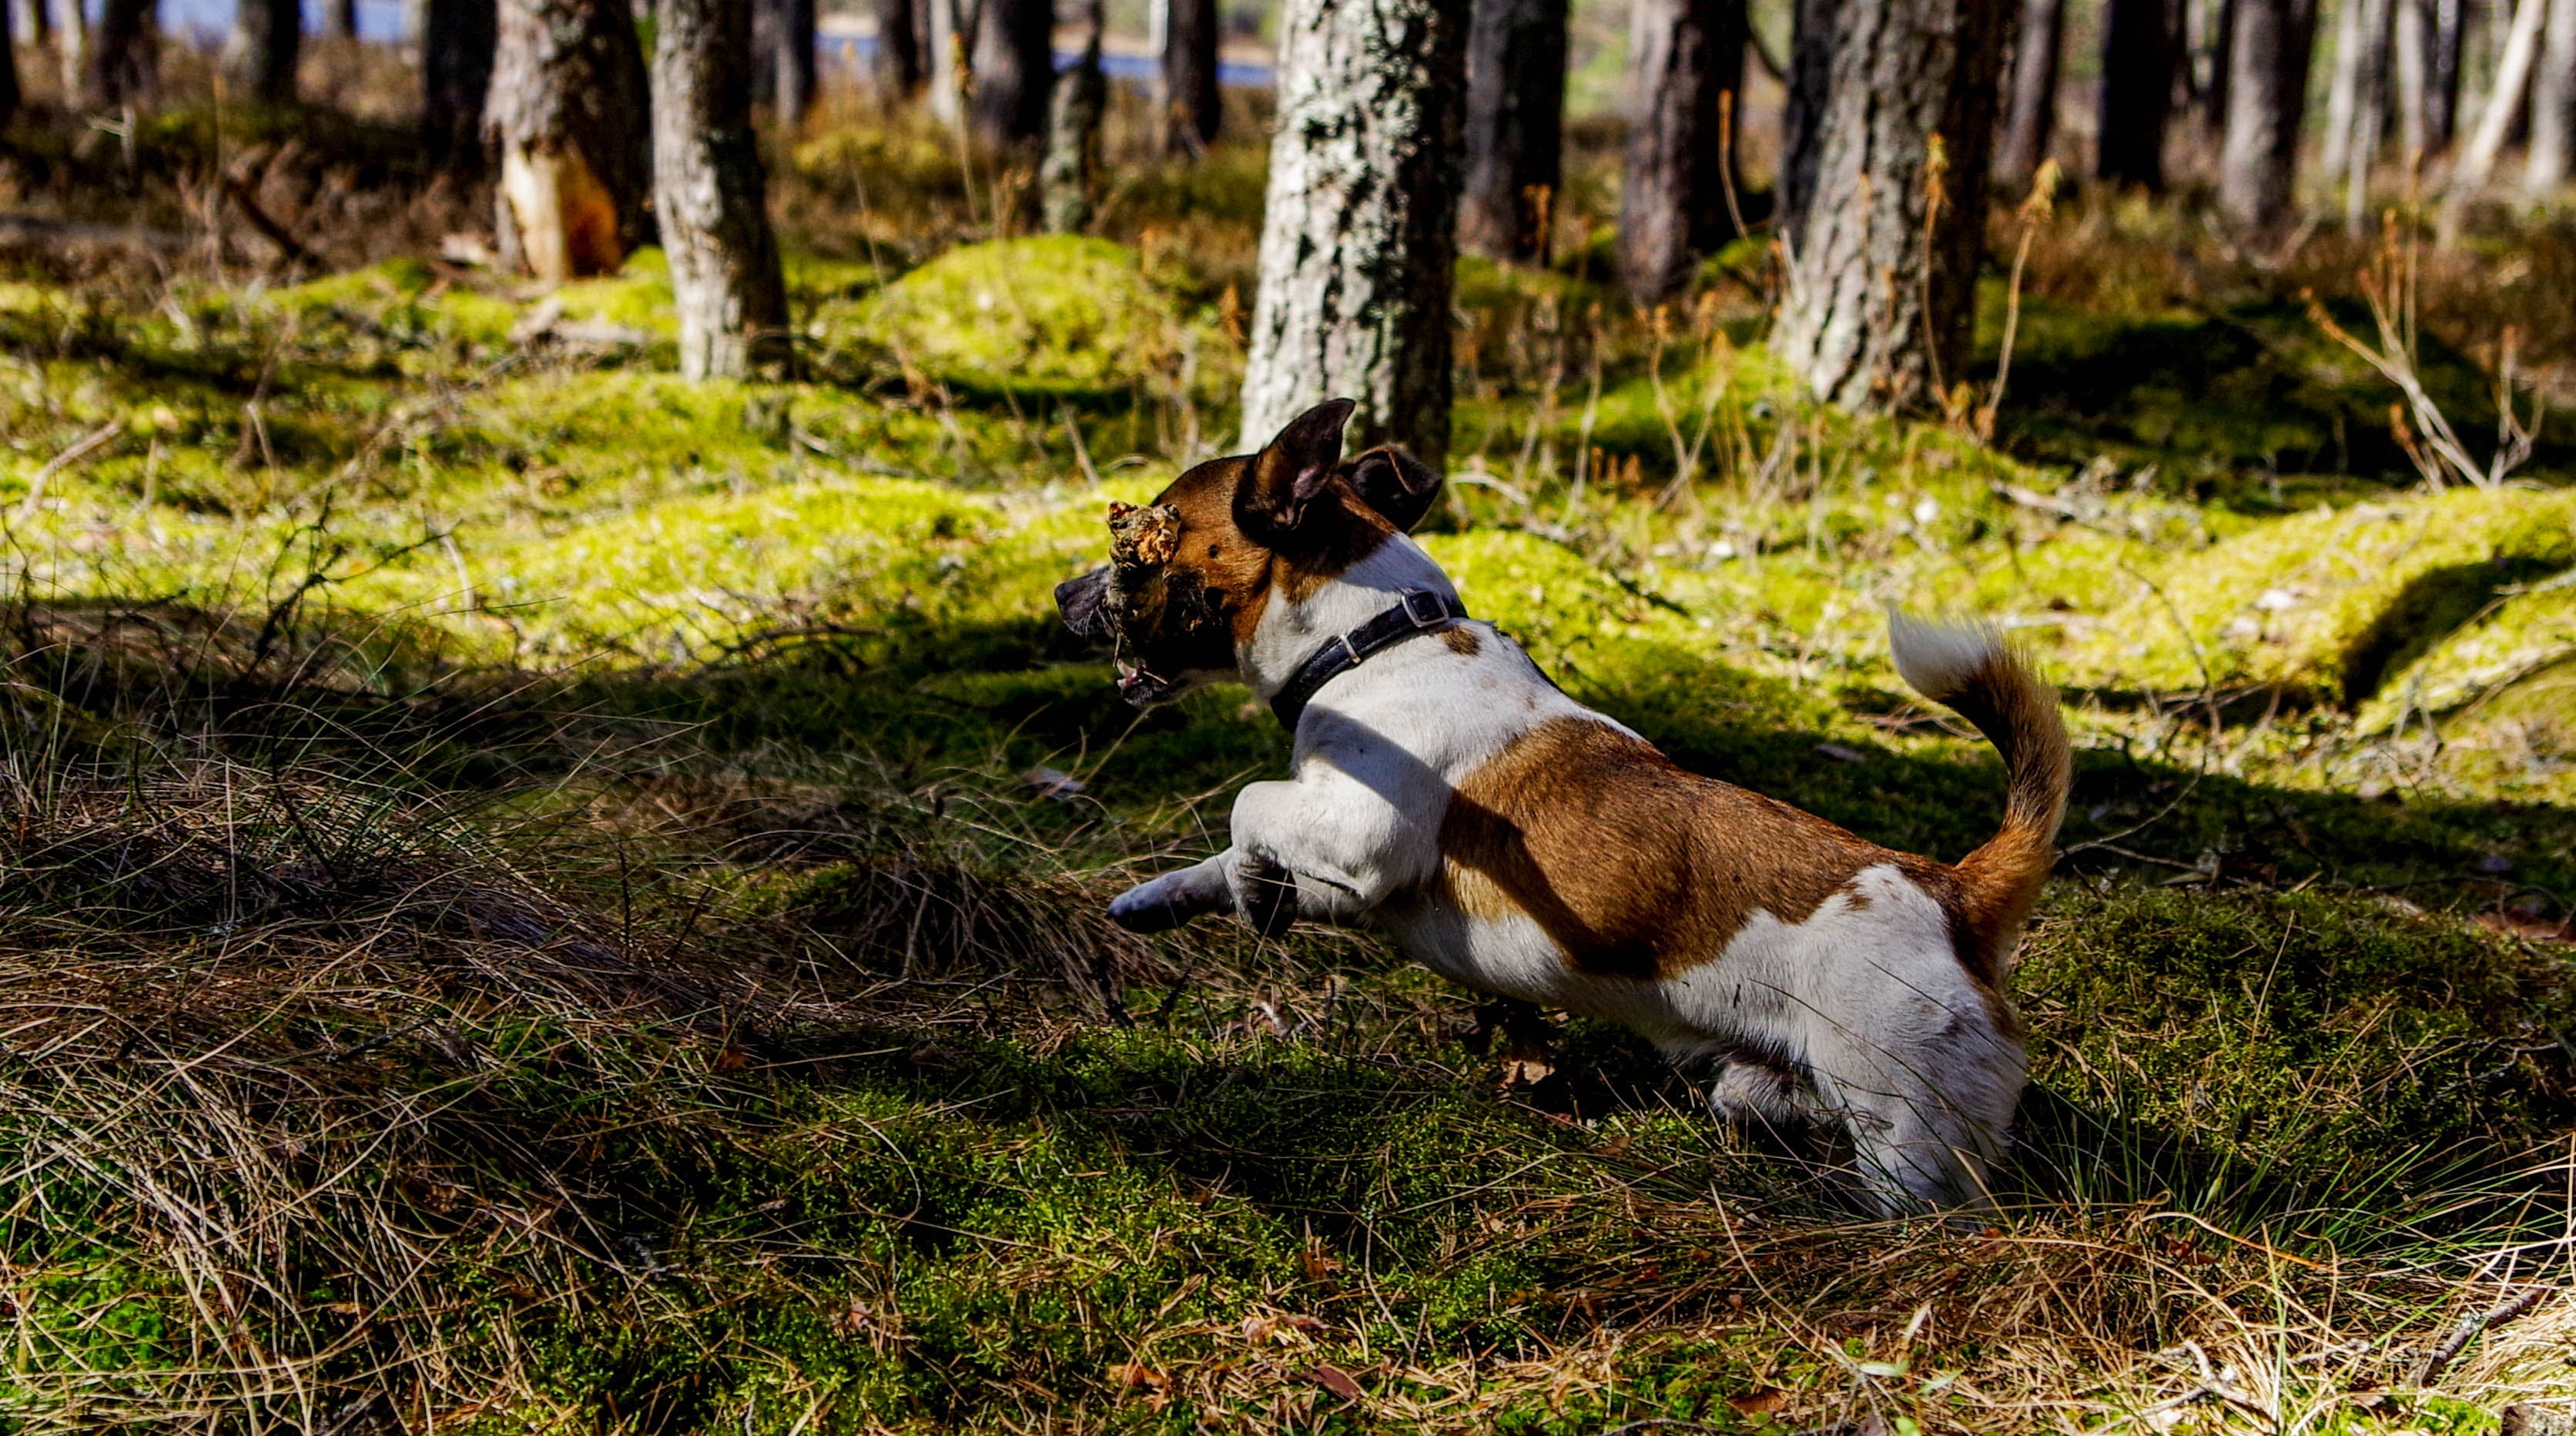 かわいらしい, フィールド, ペット, 動物の無料の写真素材